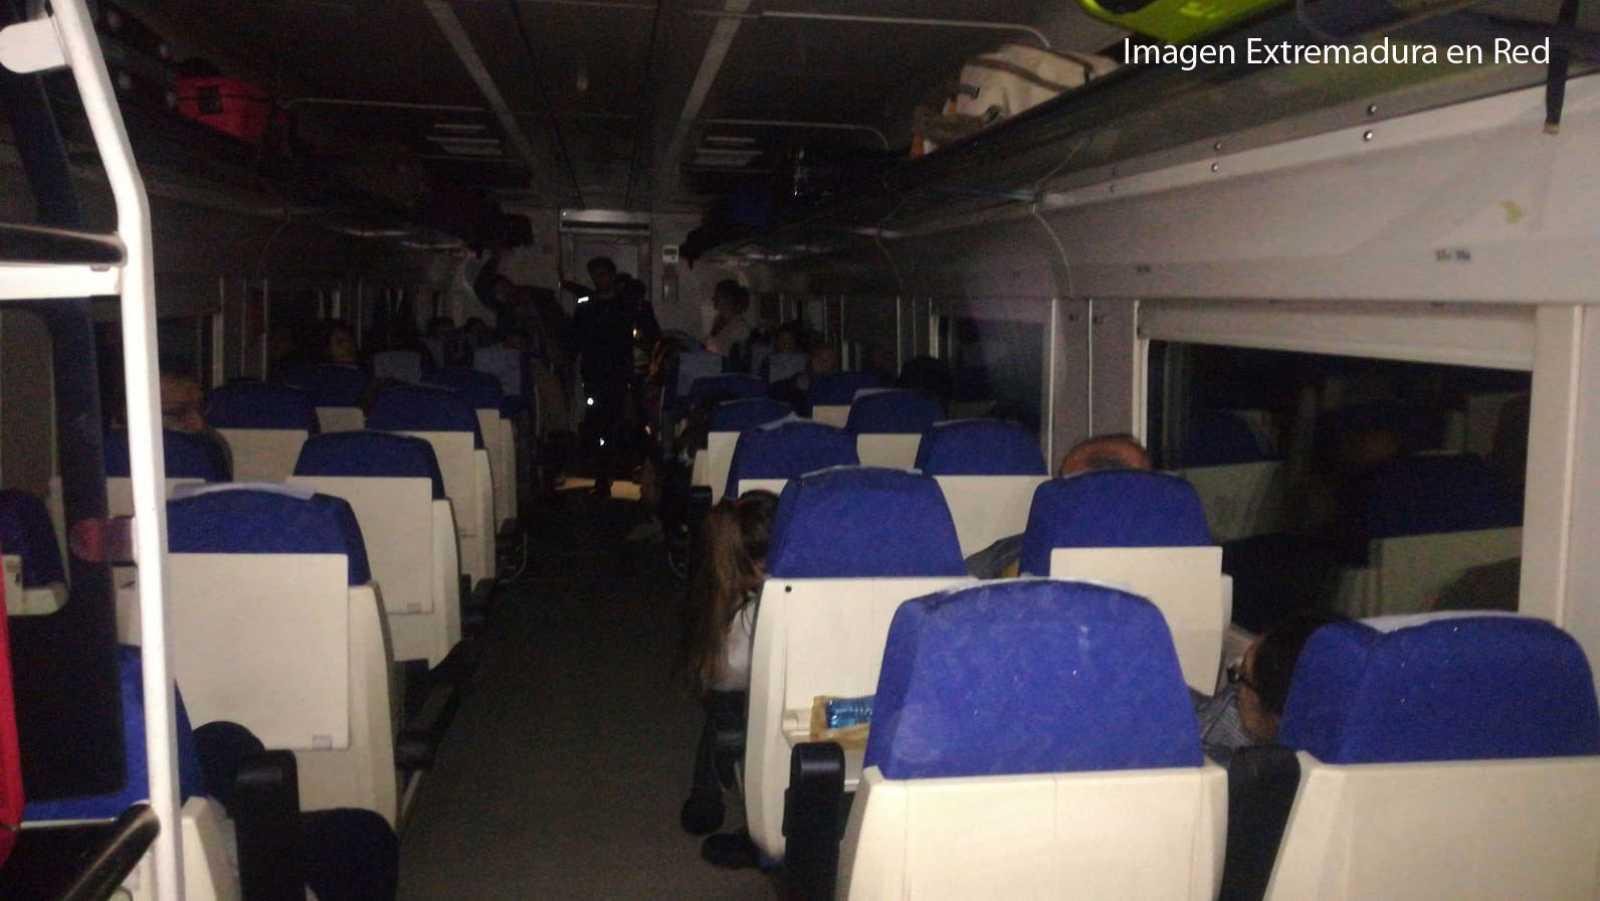 Un tren Bajadoz-Madrid deja a los pasajeros en mitad del campo durante horas, de noche y sin luz tras varias averías